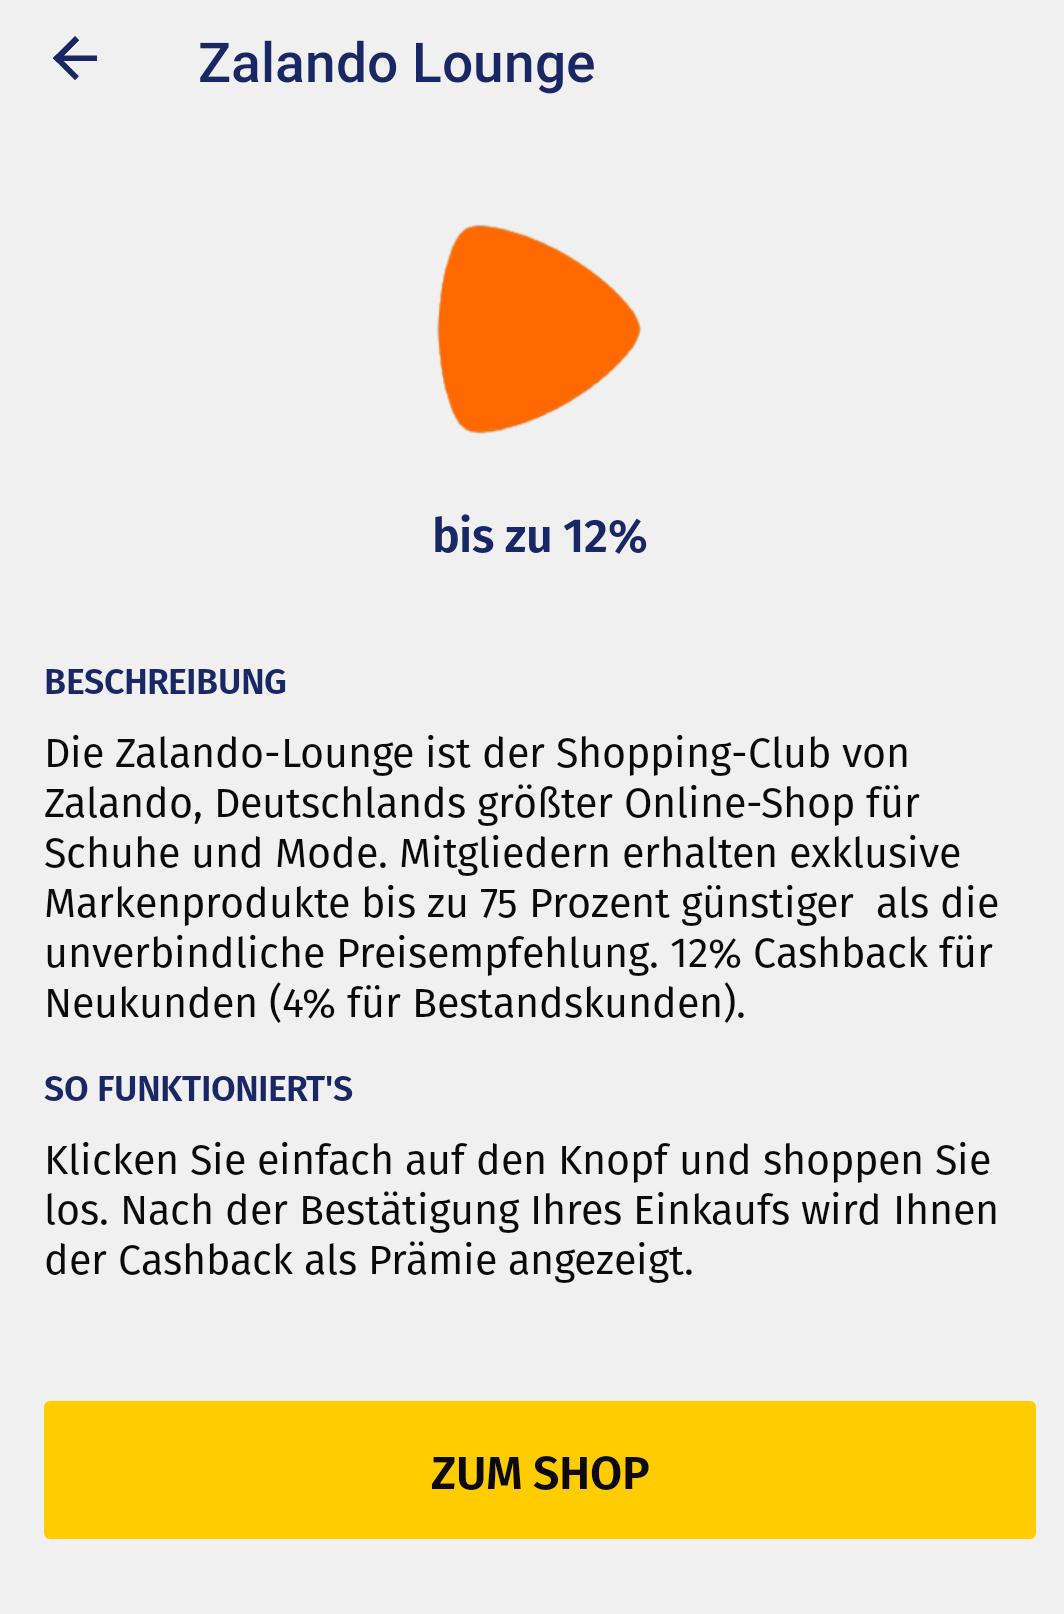 [Zalando Lounge/Geldspeicher] 12% Cashback für Neu- und 4% für Bestandskunden